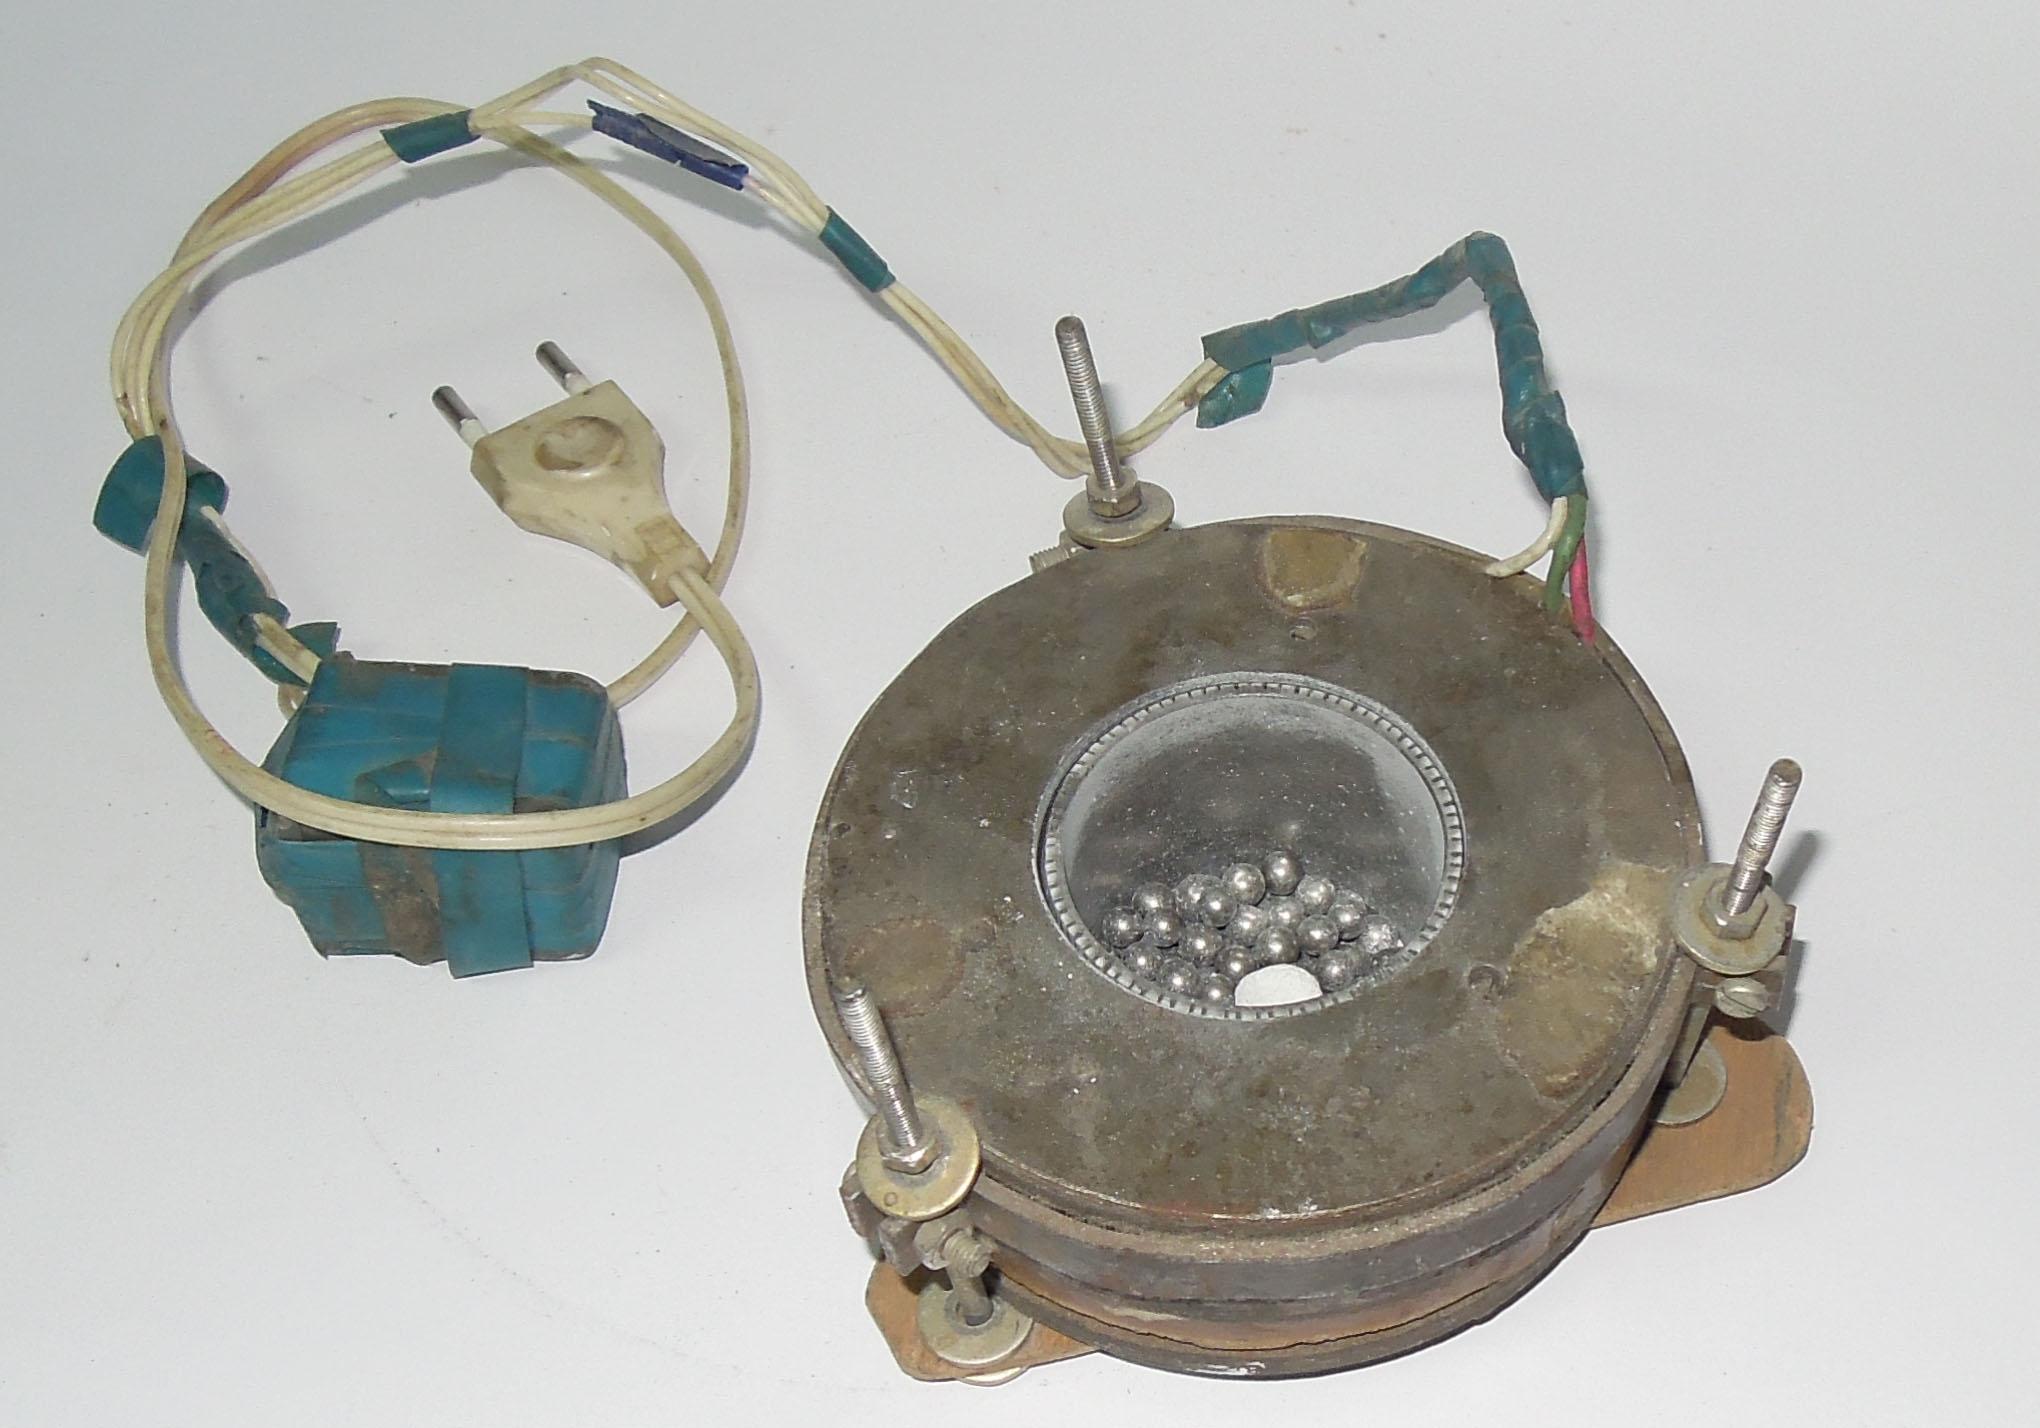 Двигатель с катящимся ротором для привода шлифовального устройства